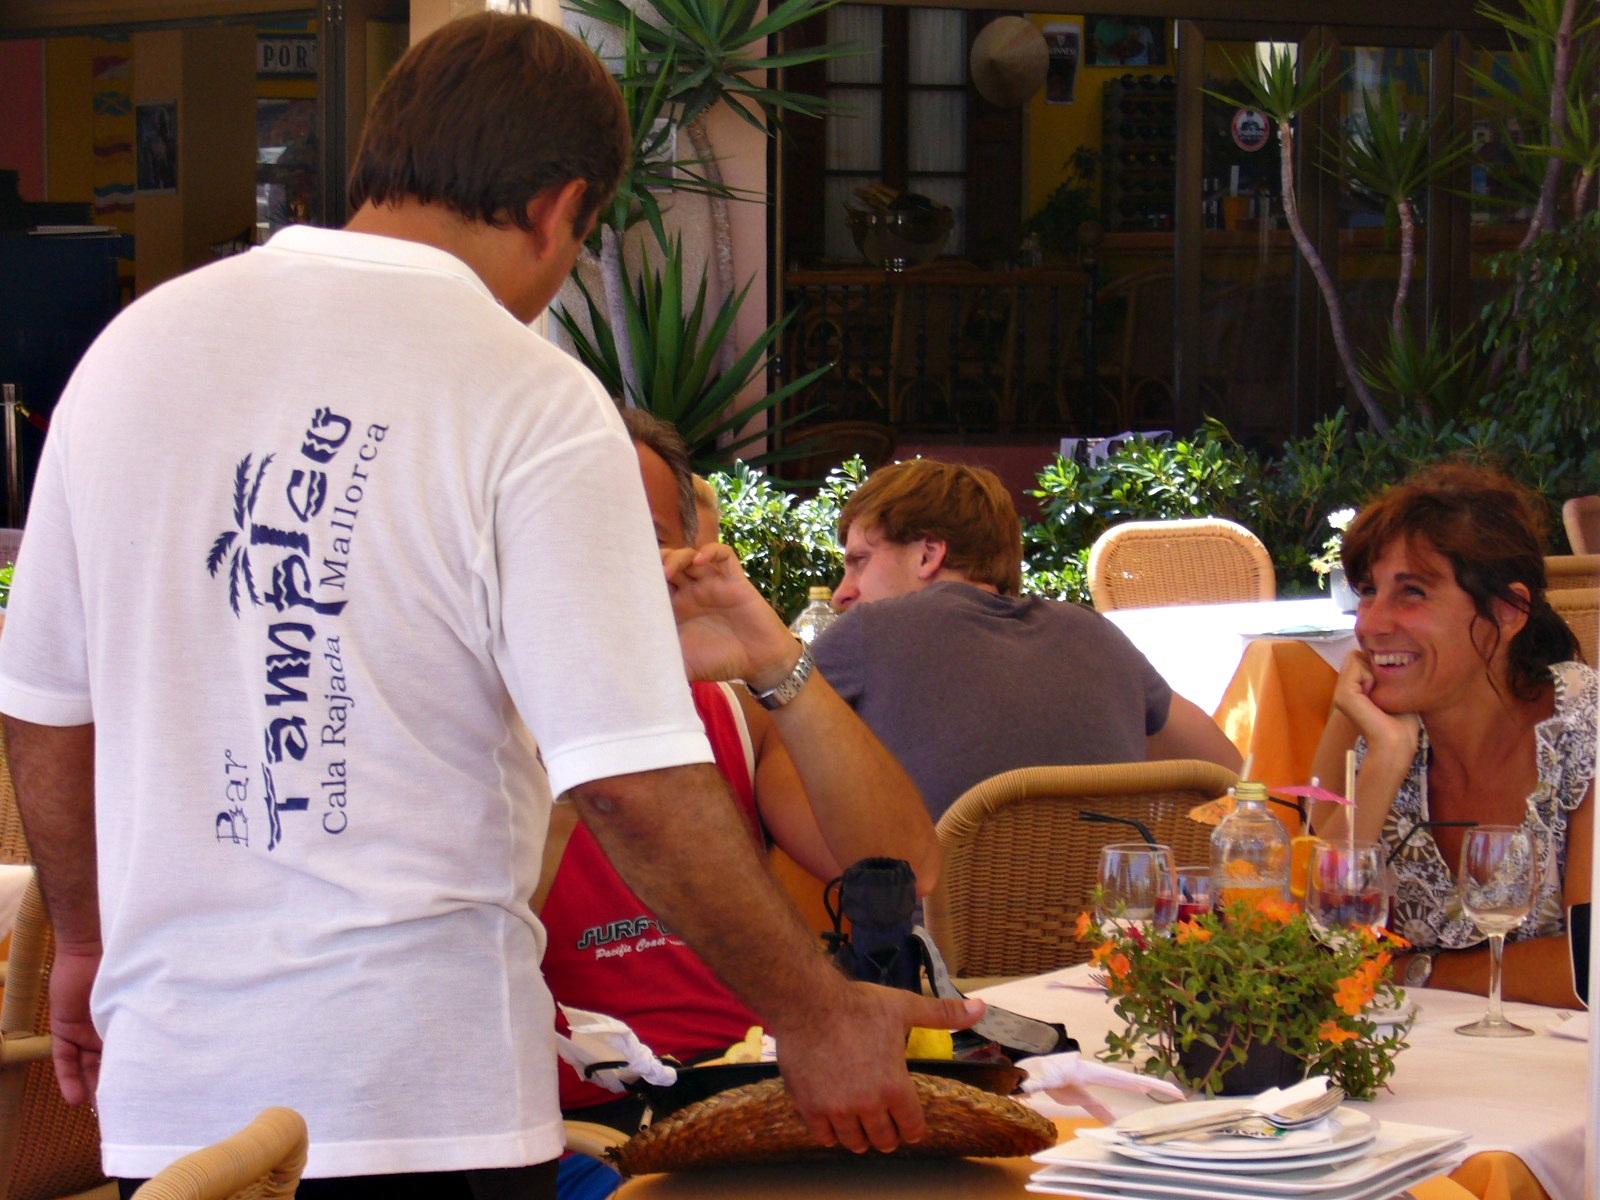 Restaurante en cala rajada tampico mallorca for Restaurante terraza de la 96 barranquilla